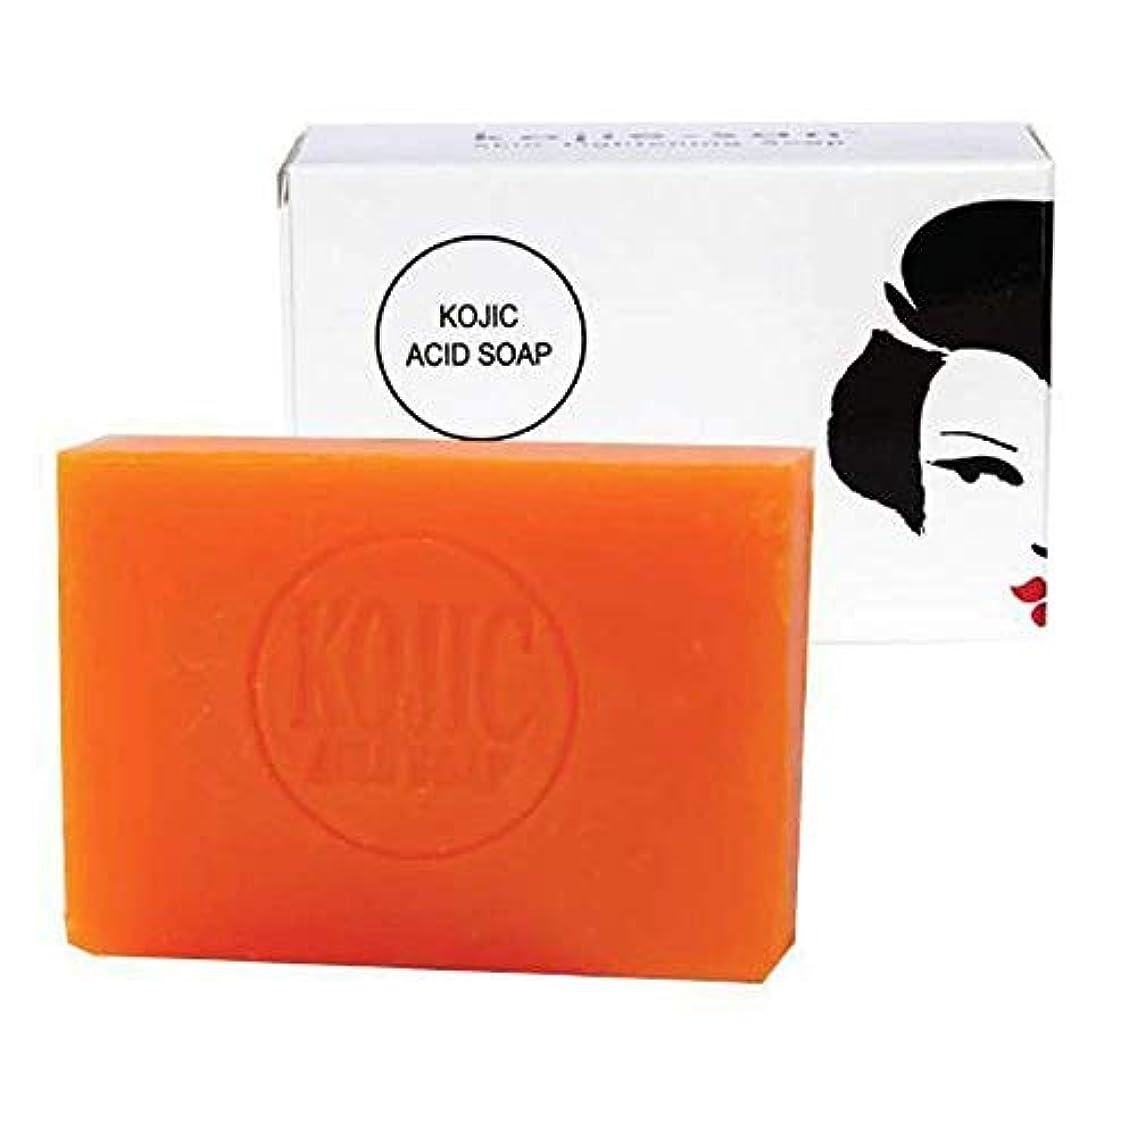 文化ナビゲーション起訴するKojie San Skin Lightening Kojic Acid Soap 2 Bars - 65G Fades Age Spots, Freckles, And Other Signs Of Sun Damage...